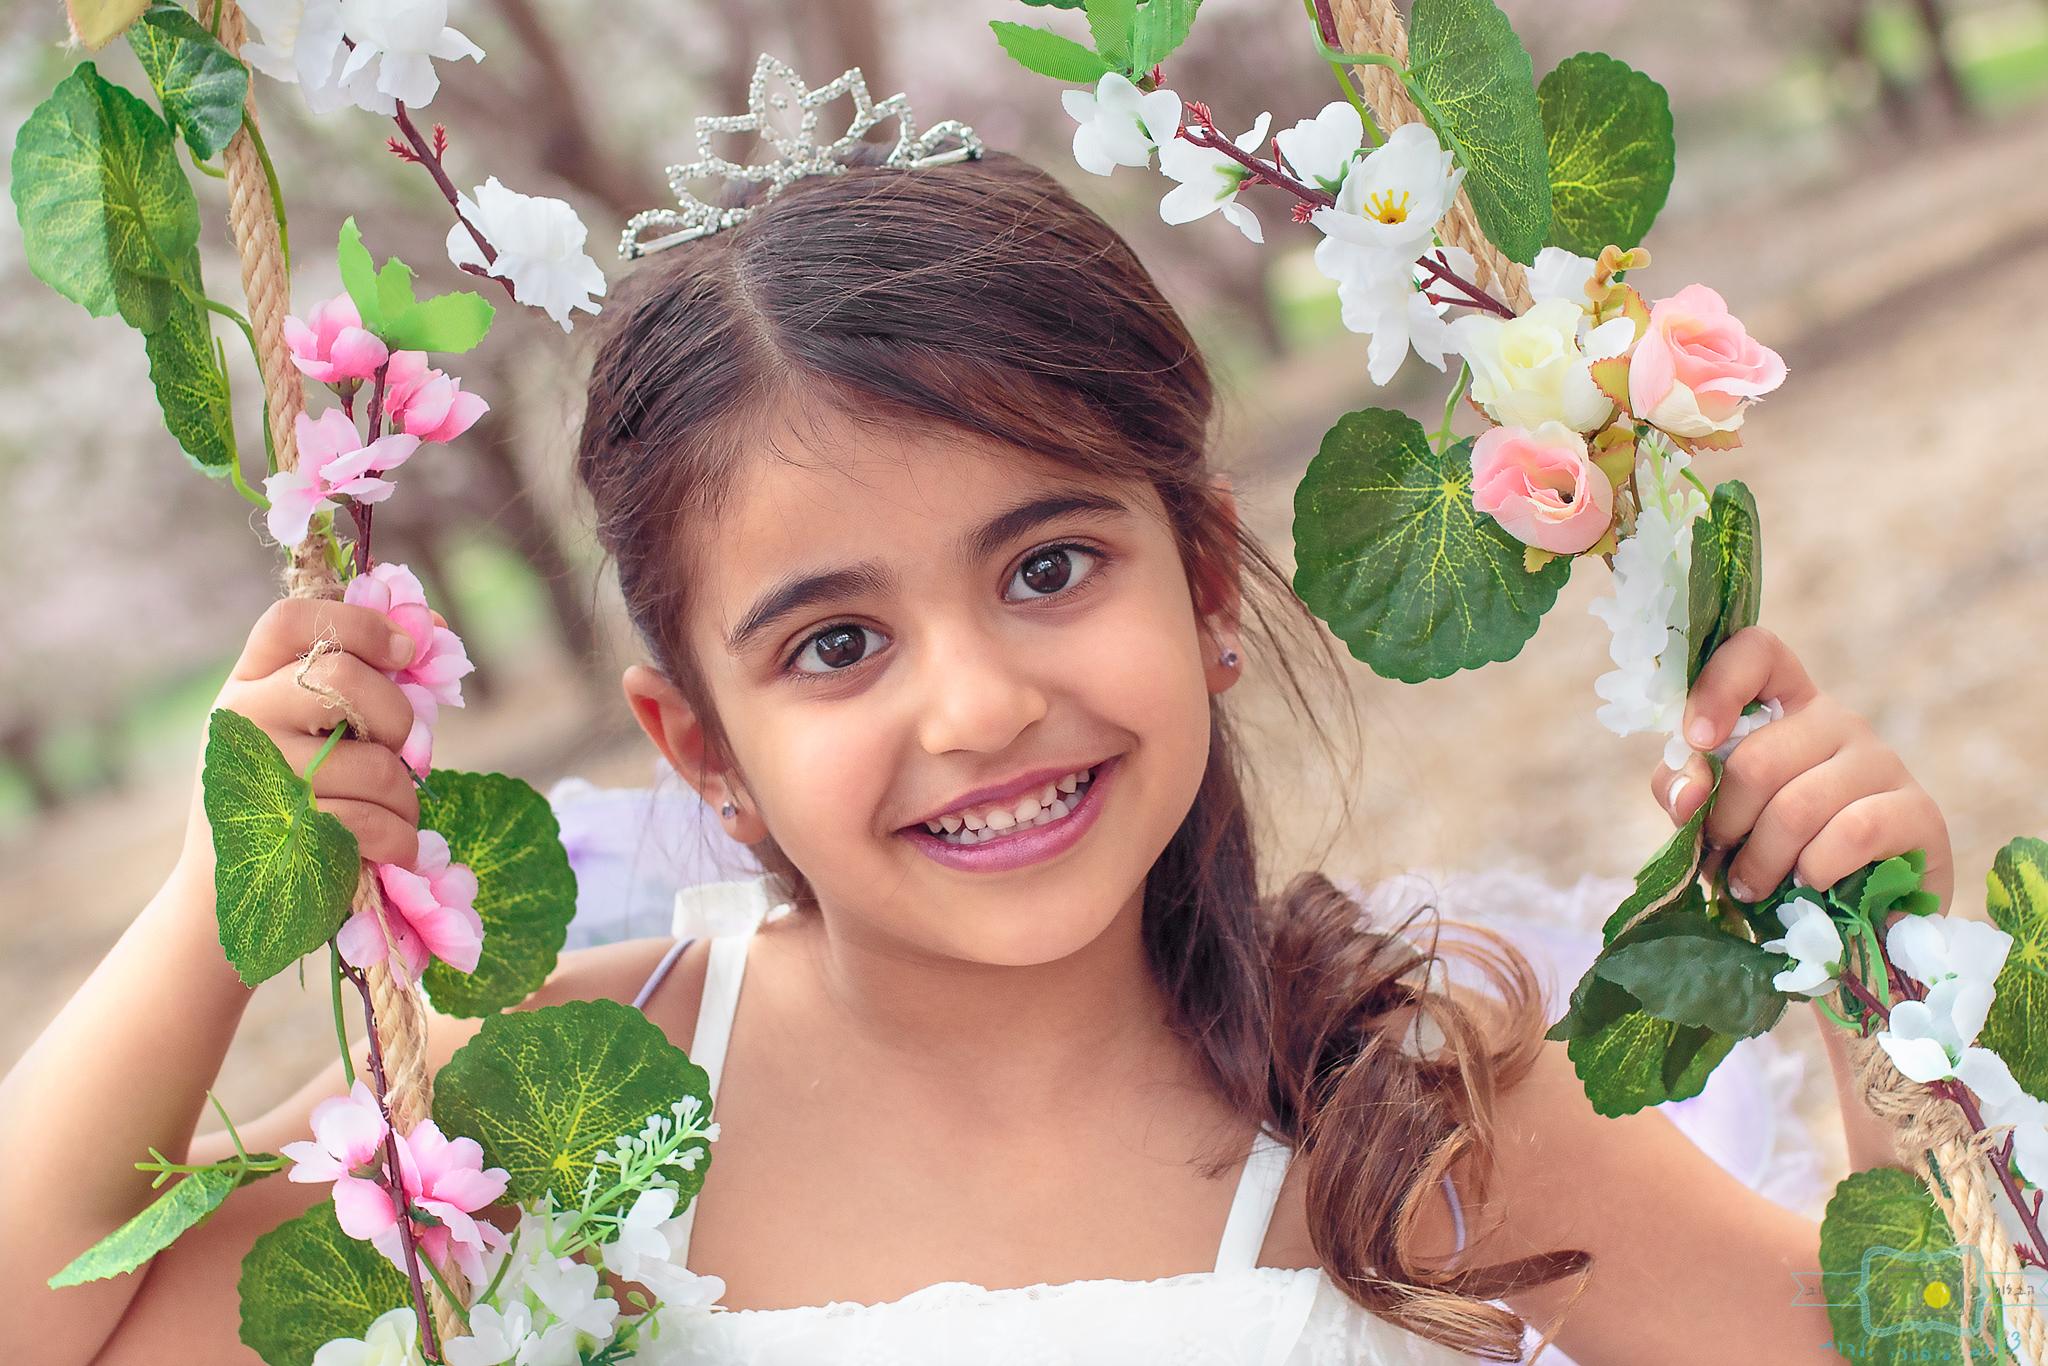 הבלון הצהוב- סטודיו לצילום ועיצוב גרפי IMG_0178-Edit פיית השקדיות- צילומי קונספט לילדים